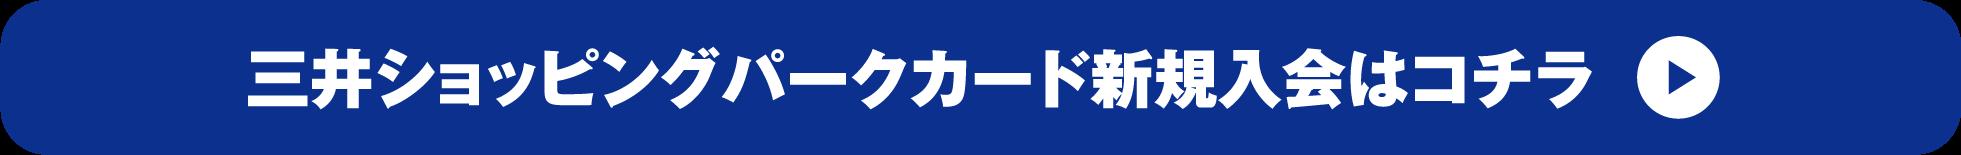 三井ショッピングパークカード新規入会はコチラ